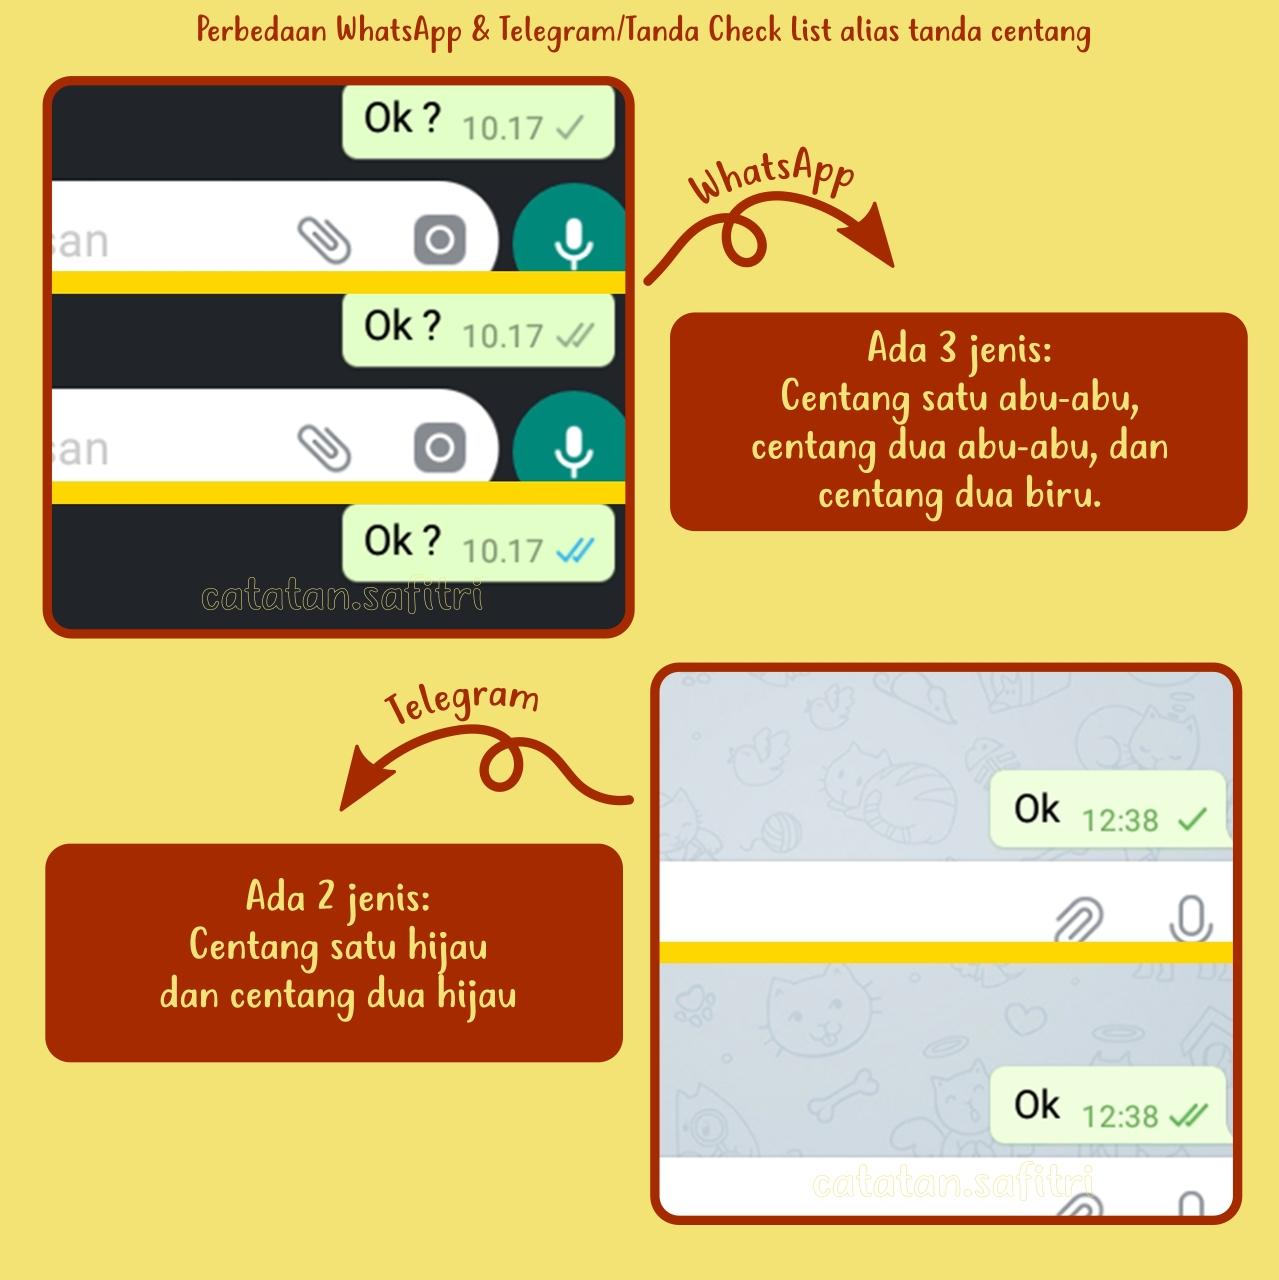 perbedaan whatsapp dan telegram bagian pertama 5 Hal Yang Membedakan Telegram Dan WhatsApp - Part 2